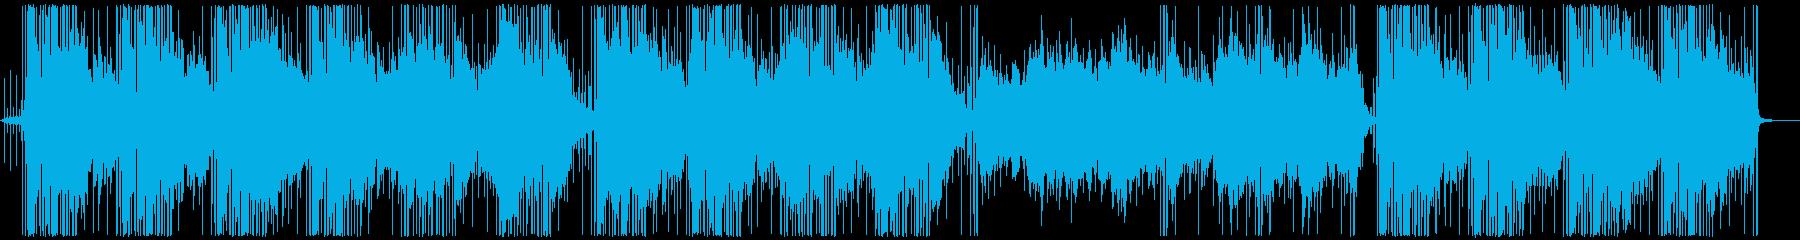 間、空気感、チル系ヒップホップの再生済みの波形